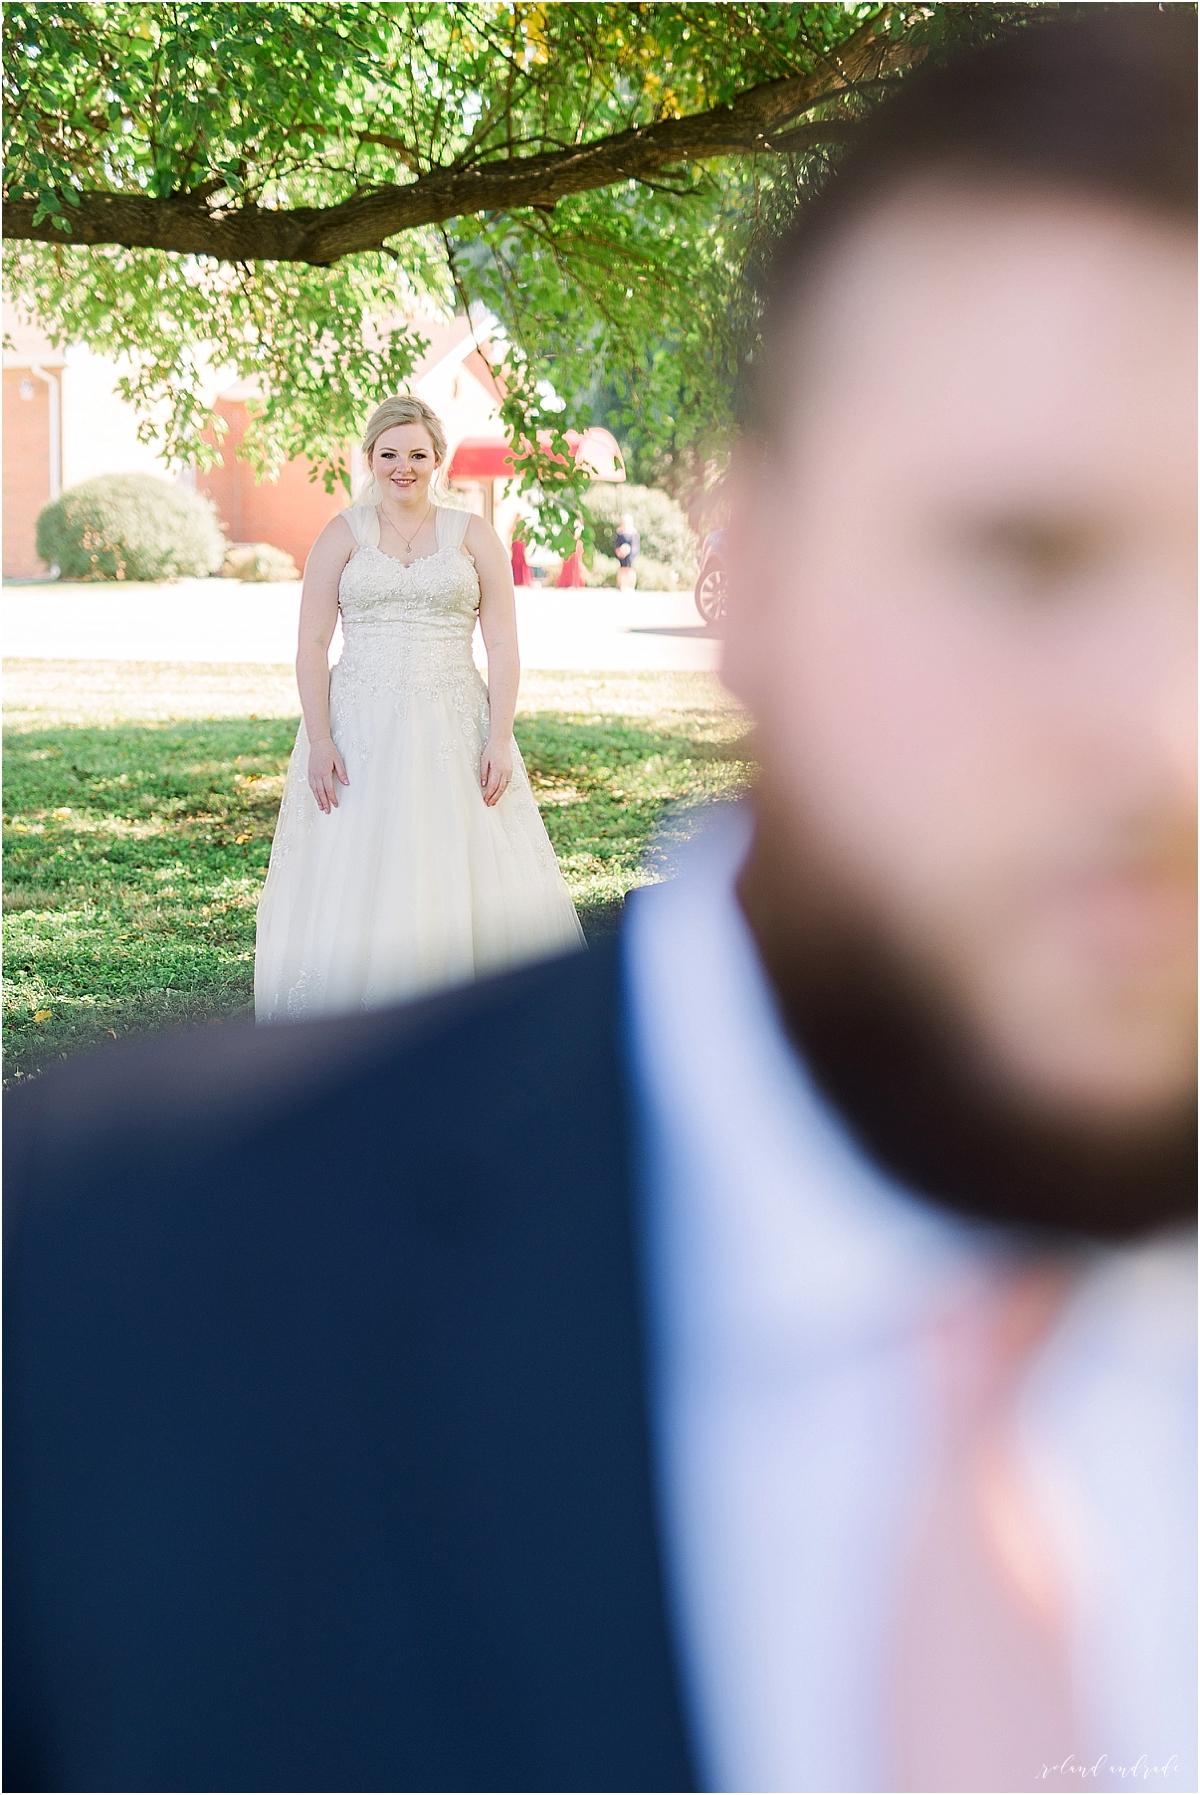 The Waterhouse Wedding, Chicago Wedding Photographer, Peoria Wedding Photographer, Best Photographer In Aurora, Best Photographer In Chicago_0019.jpg